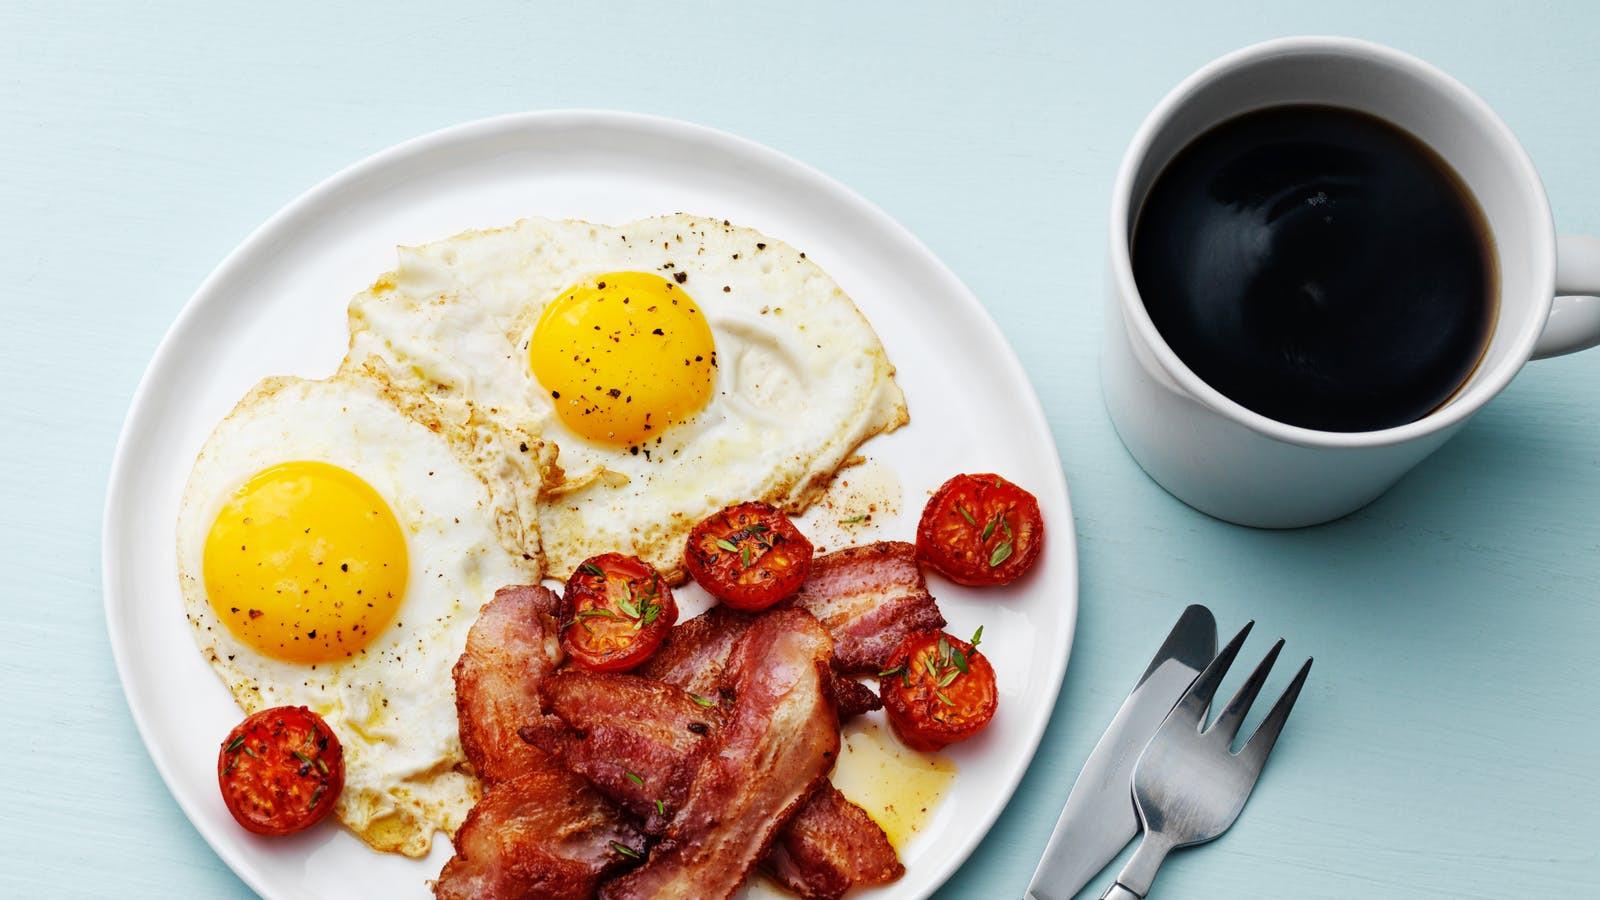 Ketosis Diet Breakfast  70 Top Keto Breakfast Recipes – Easy & Delicious – Diet